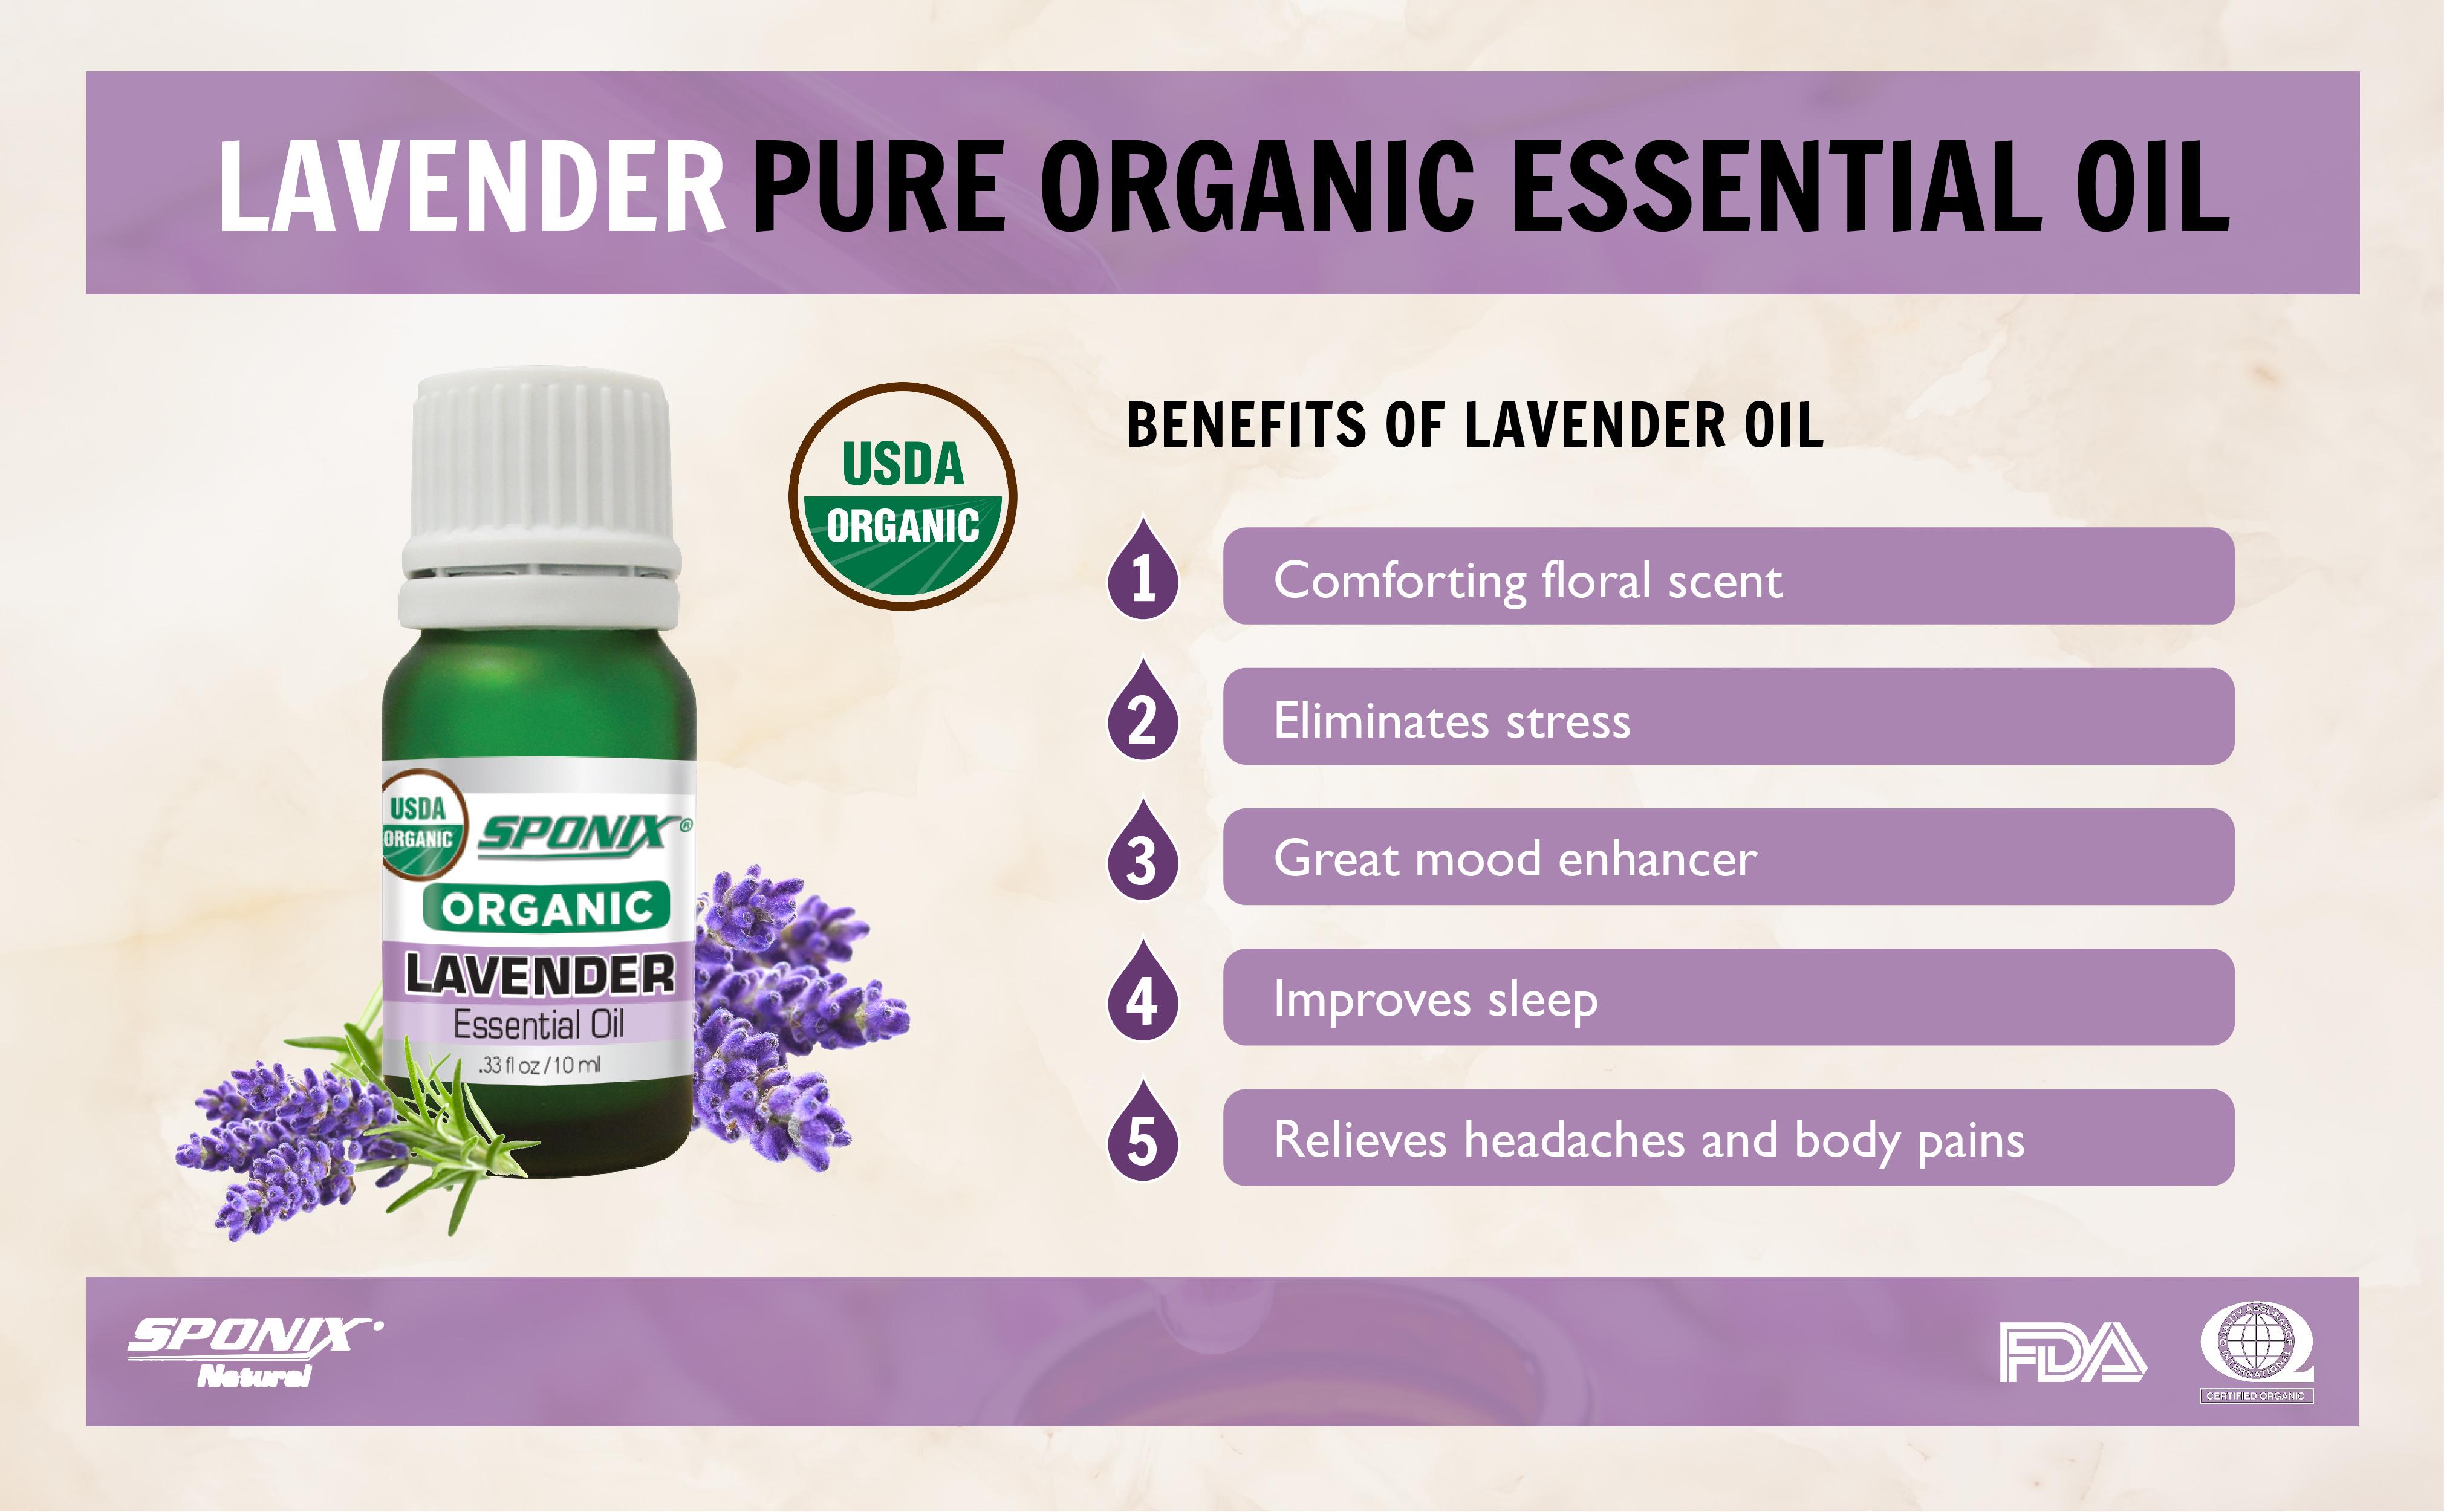 sponix_oo_lavender